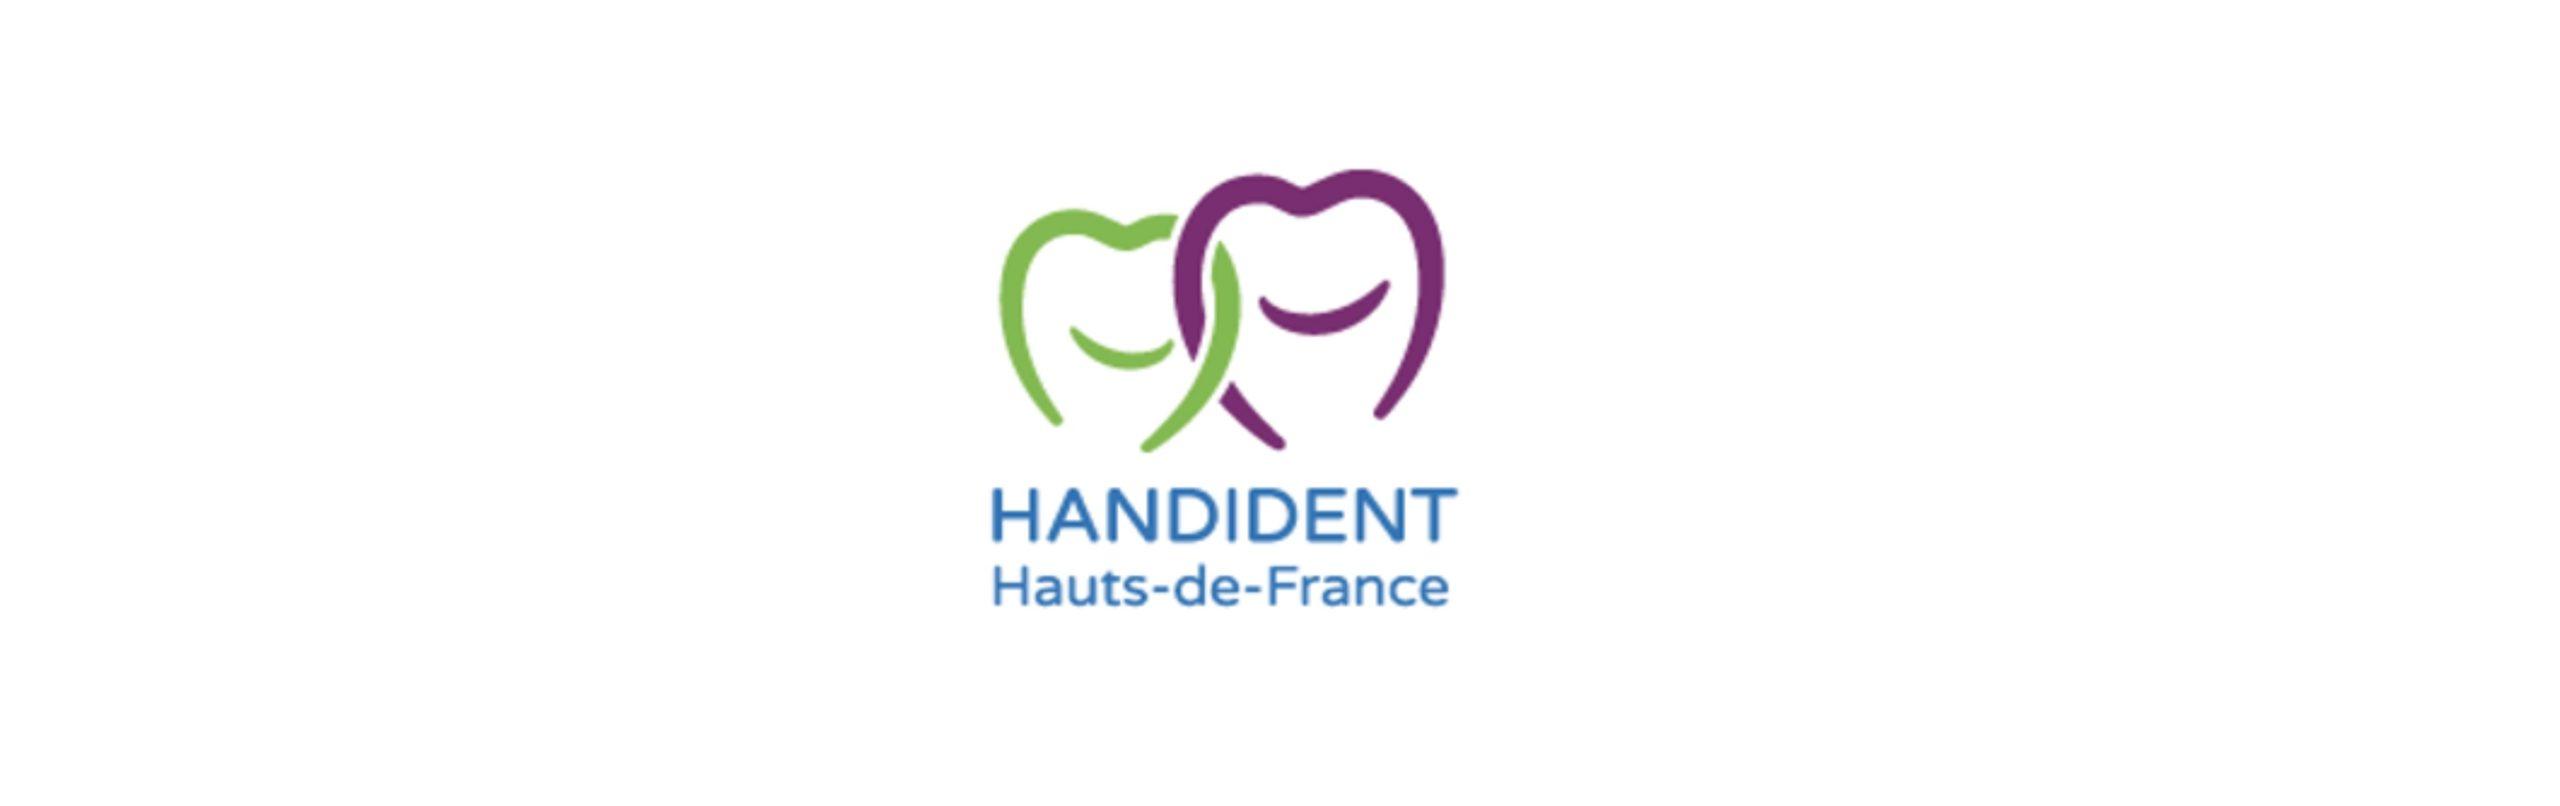 Le réseau HANDIDENT recherche des chirurgiens-dentistes volontaires